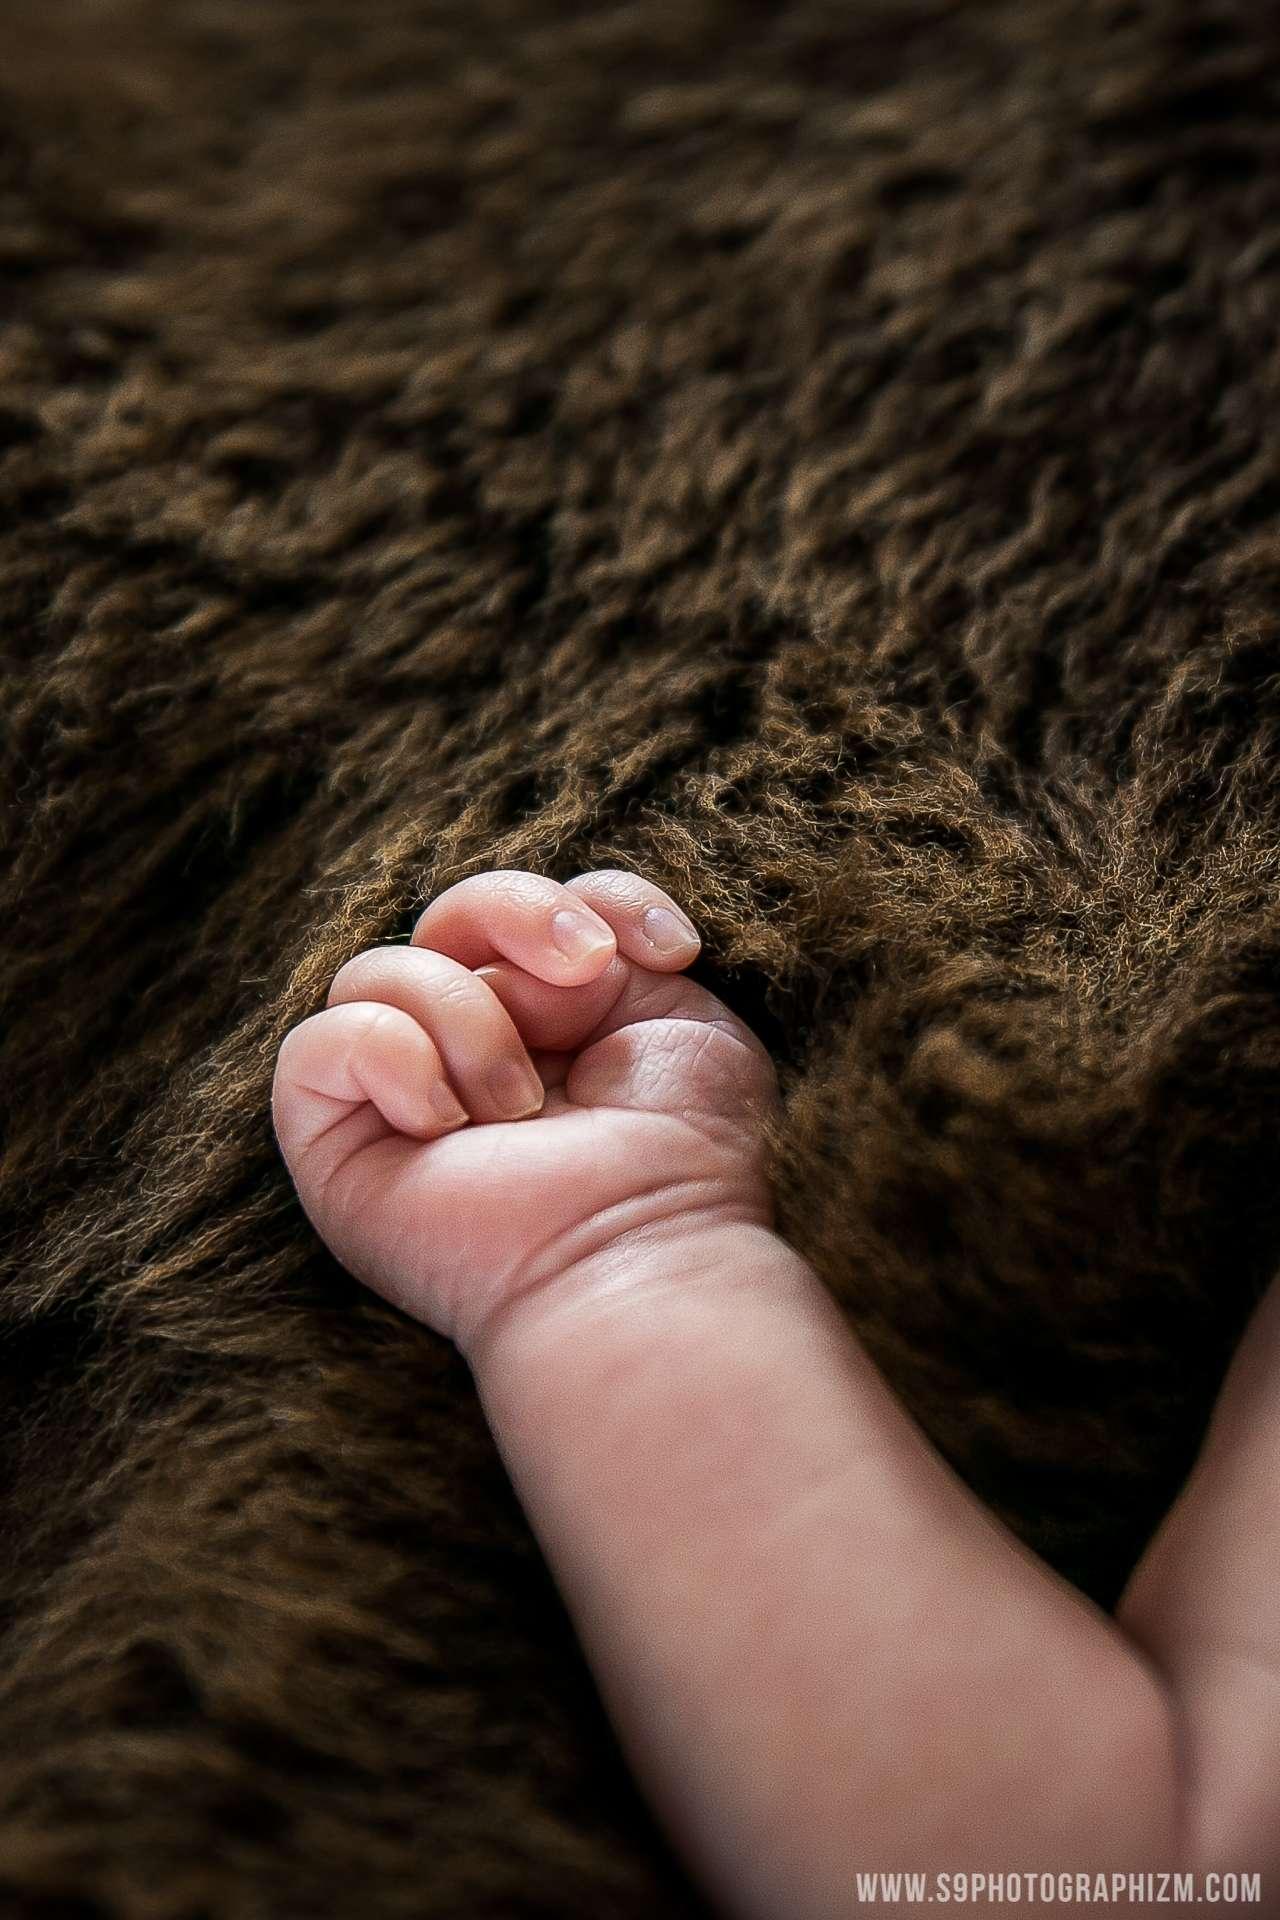 photographe naissance famille enfant lille s9photographizm